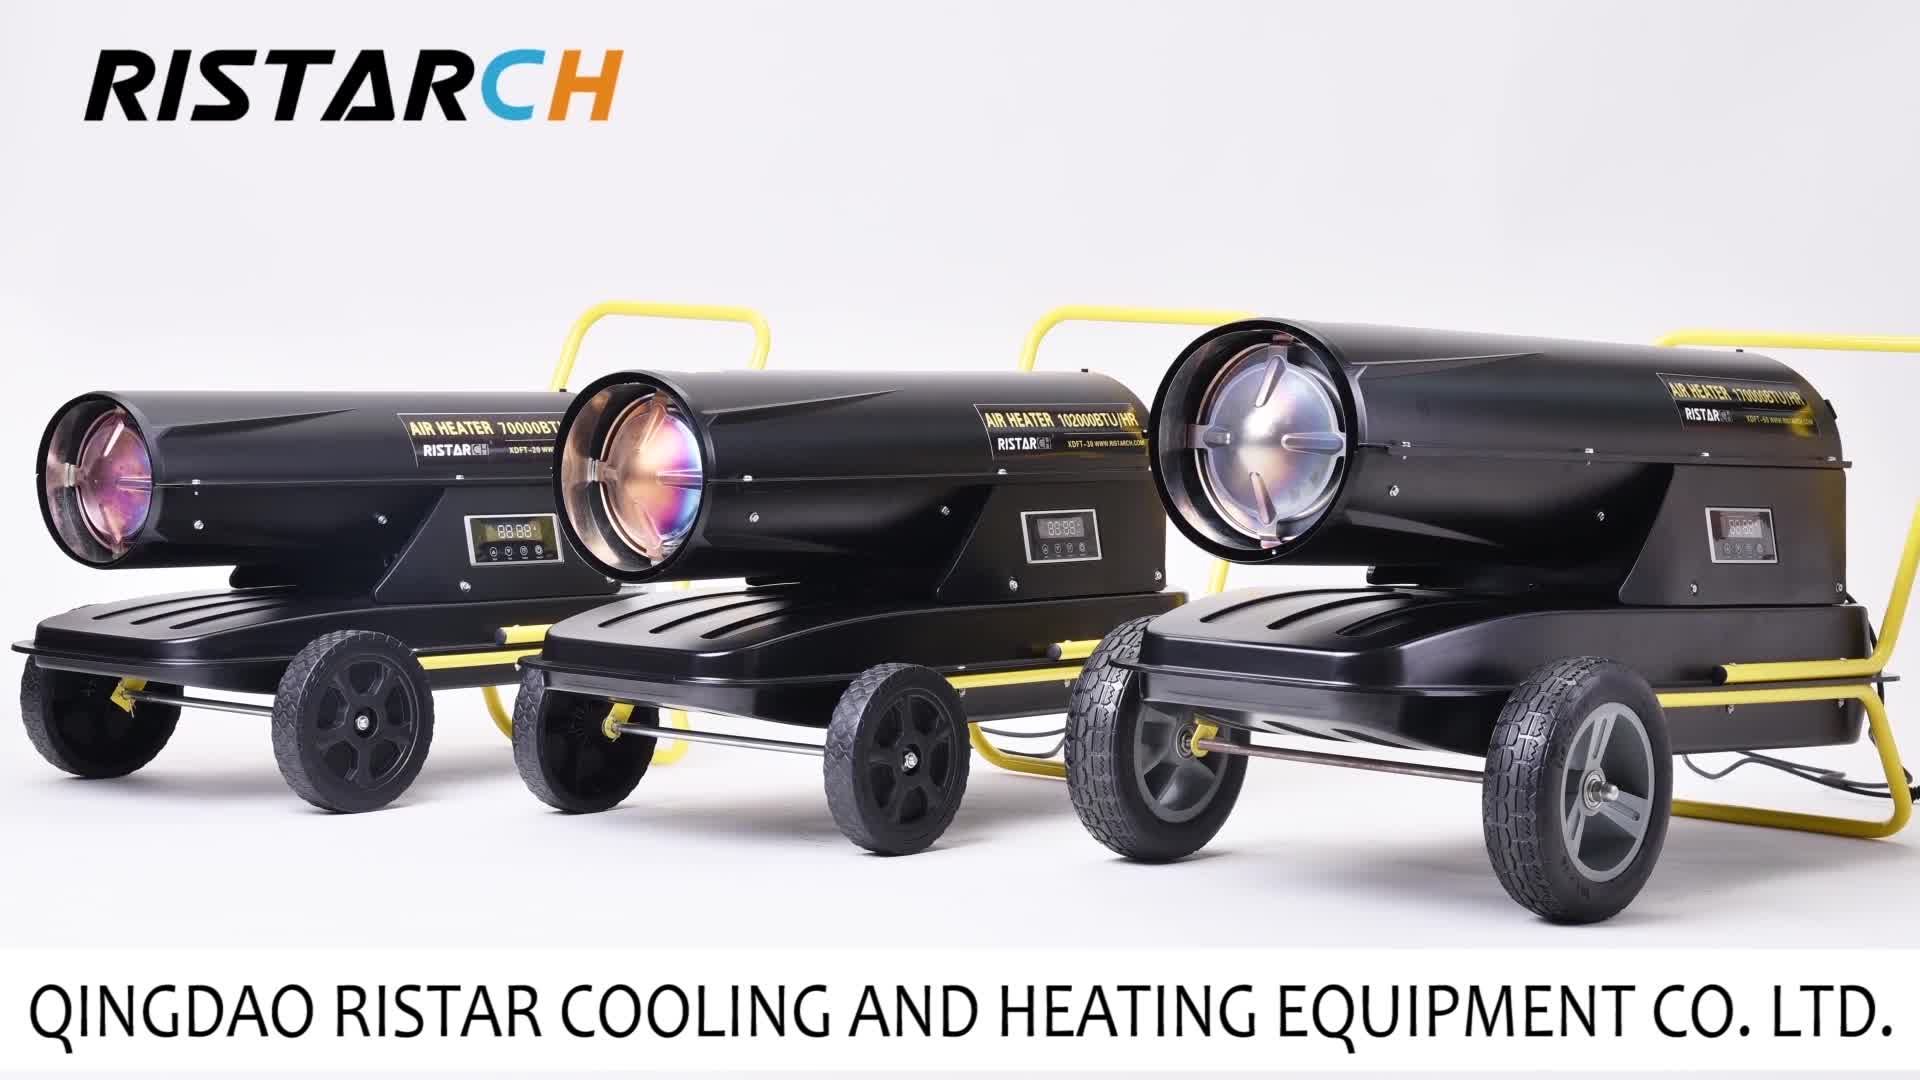 औद्योगिक अप्रत्यक्ष प्रत्यक्ष बाहरी थर्मोस्टेट केरोसिन डीजल मजबूर हवा अंतरिक्ष हीटर ईंधन एयर हीटर